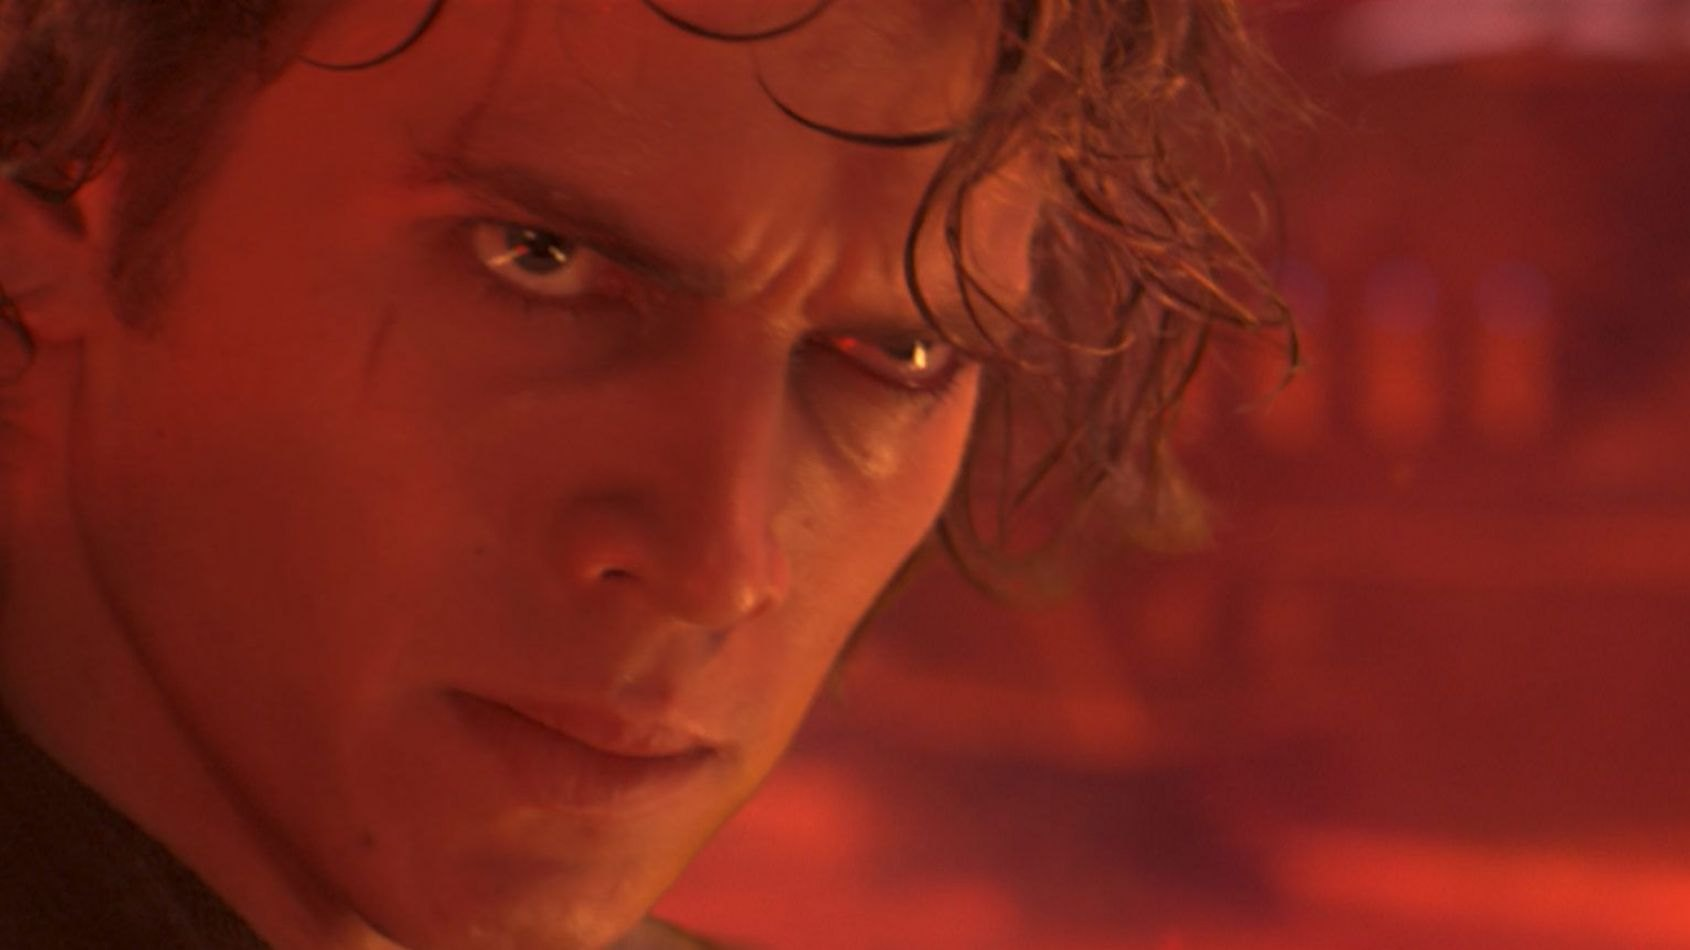 La fille d'Hayden Christensen ne verra pas Star Wars tout de suite